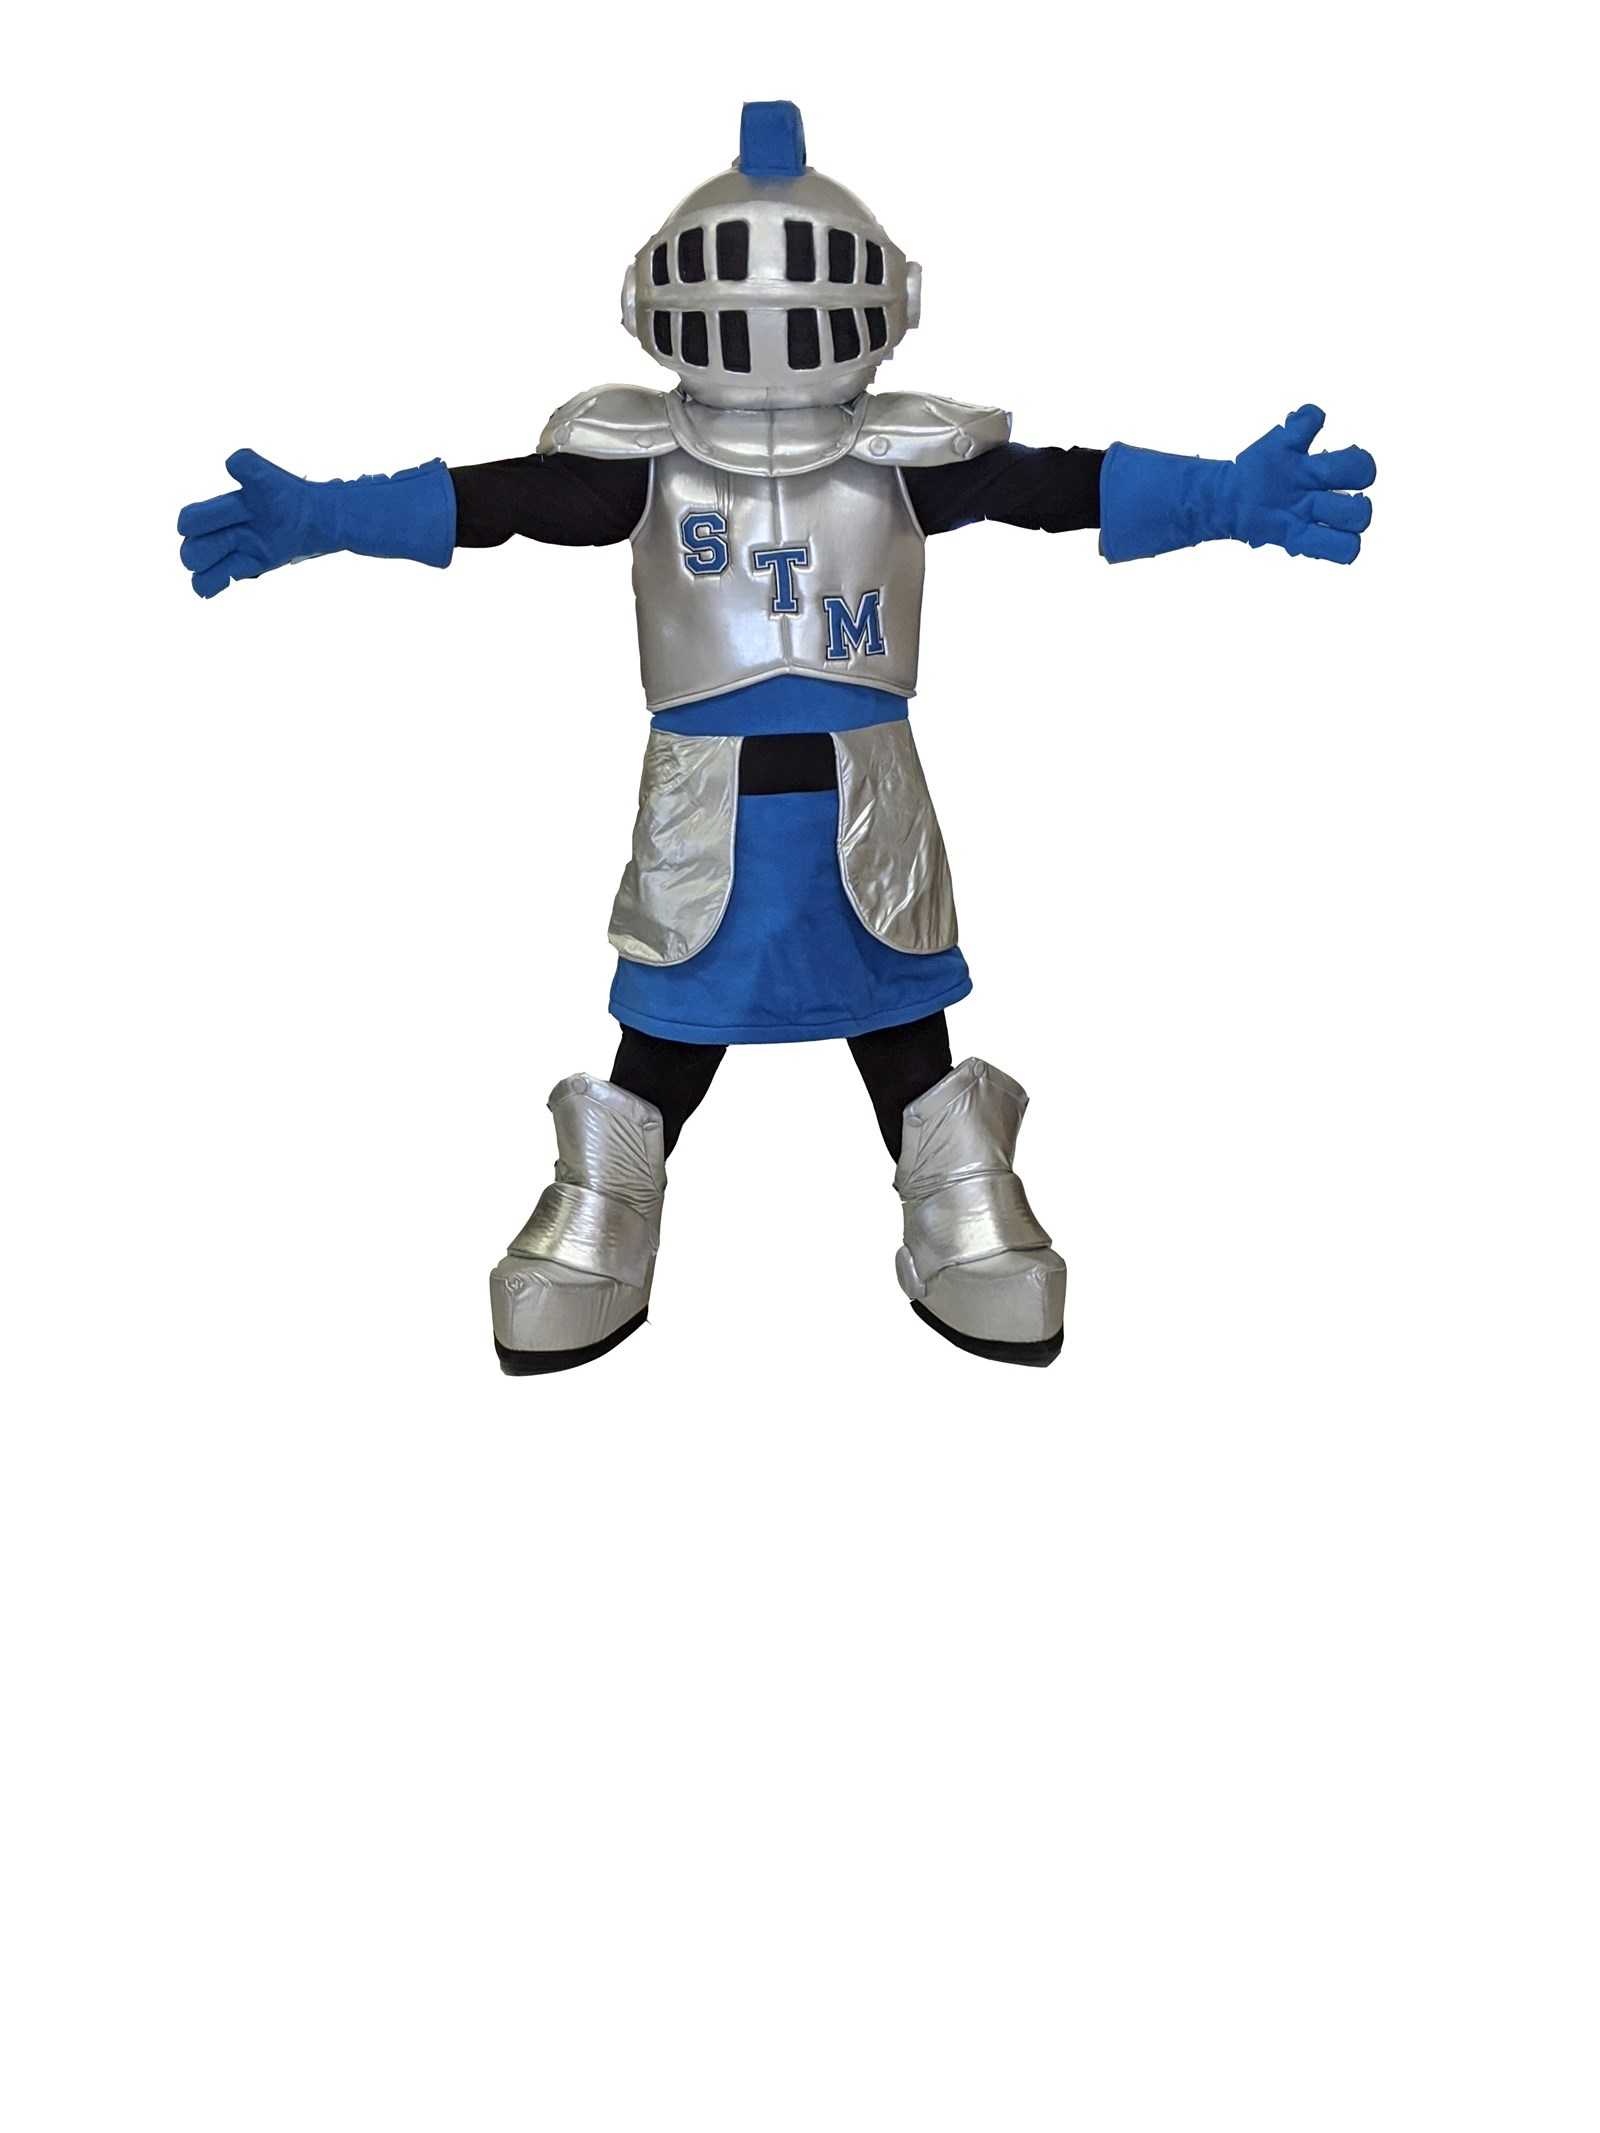 STM Mascot.jpg